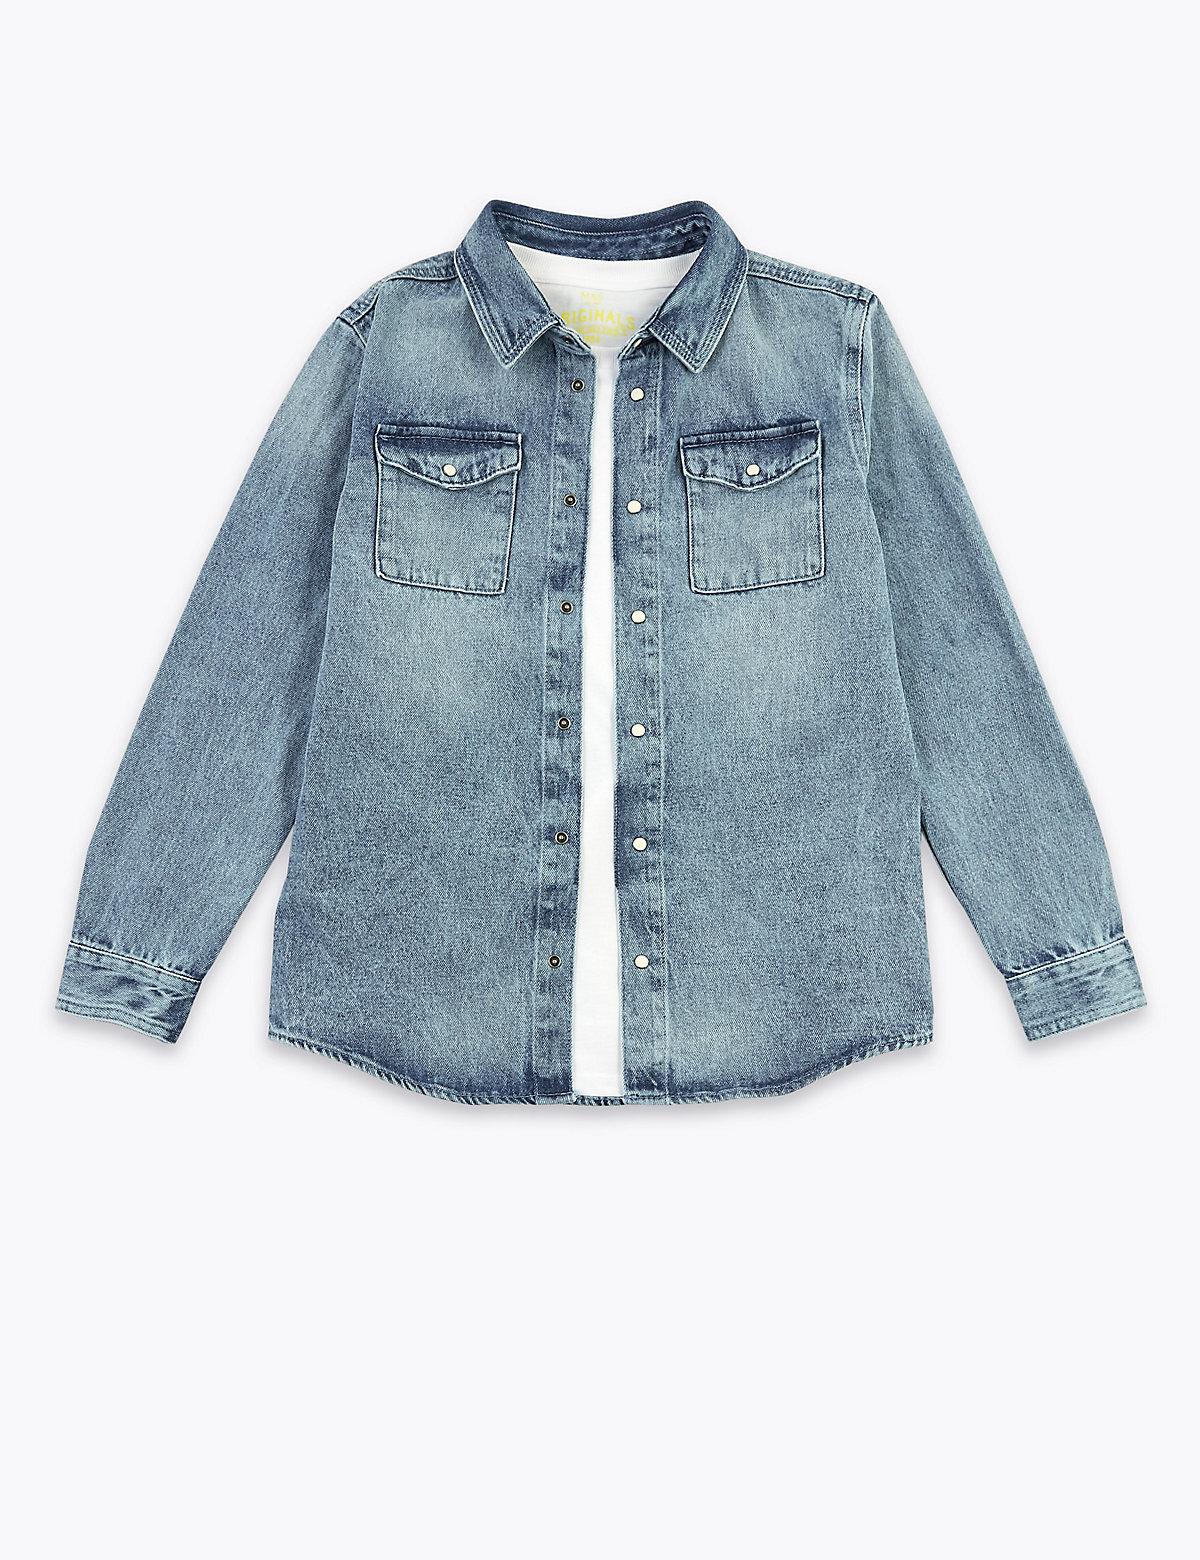 Джинсовая рубашка с карманами и футболка для мальчика